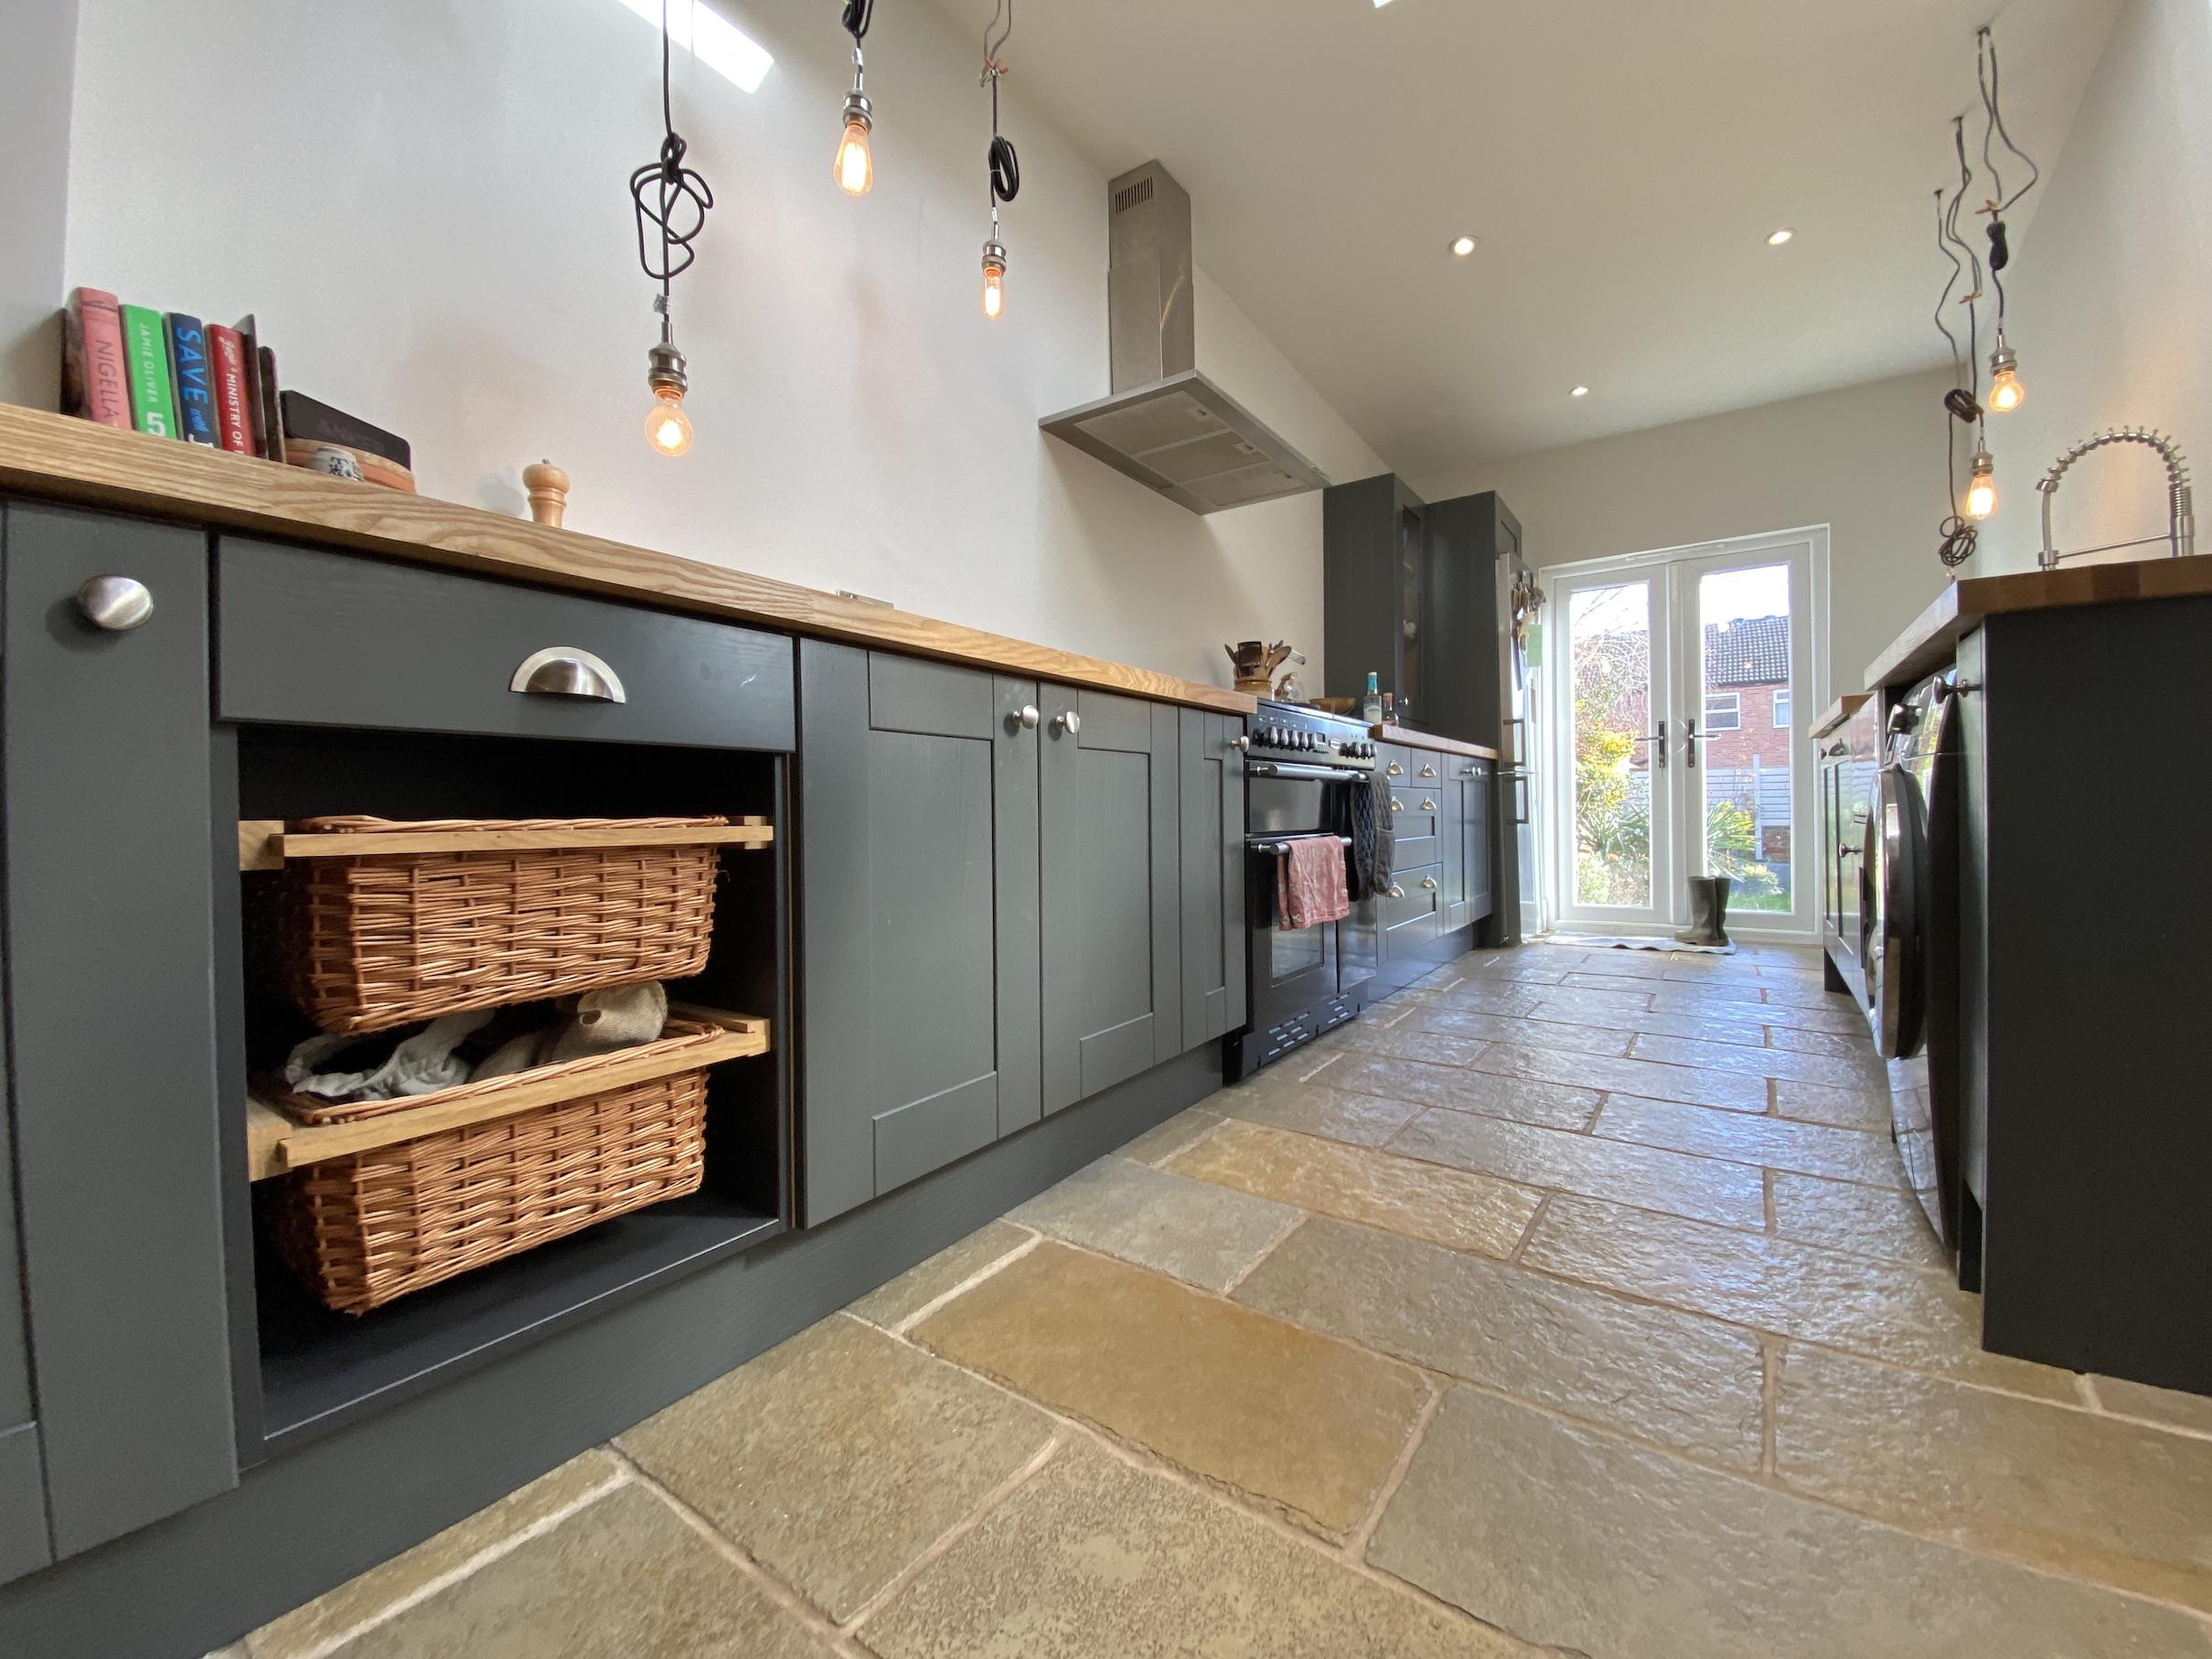 Kitchen Accessories | DIY Kitchens